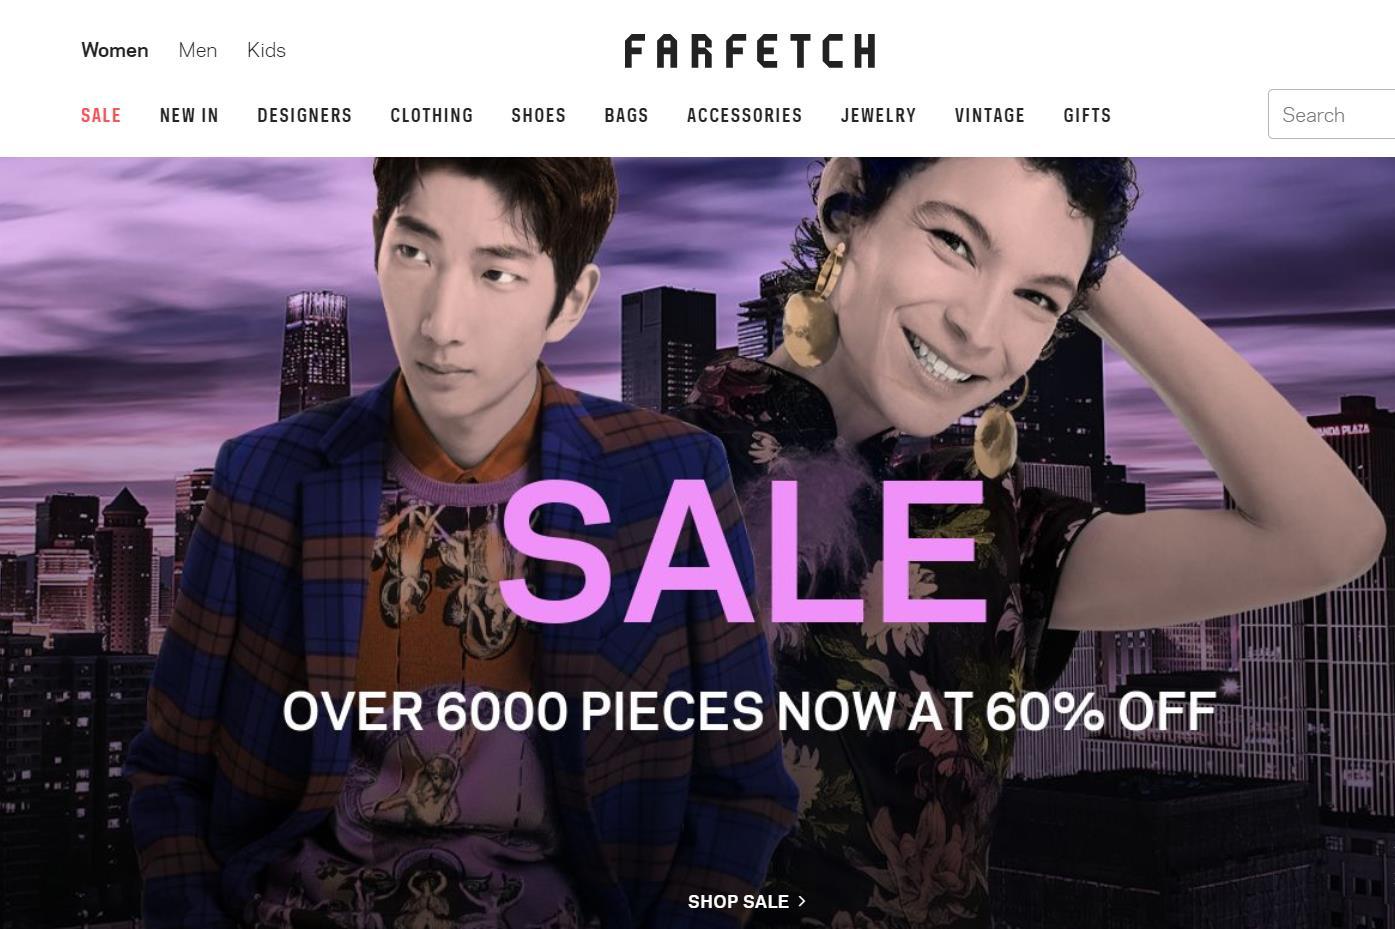 号召减少打折促销的 Farfetch 获得了业内响应,同时也遭遇了指责